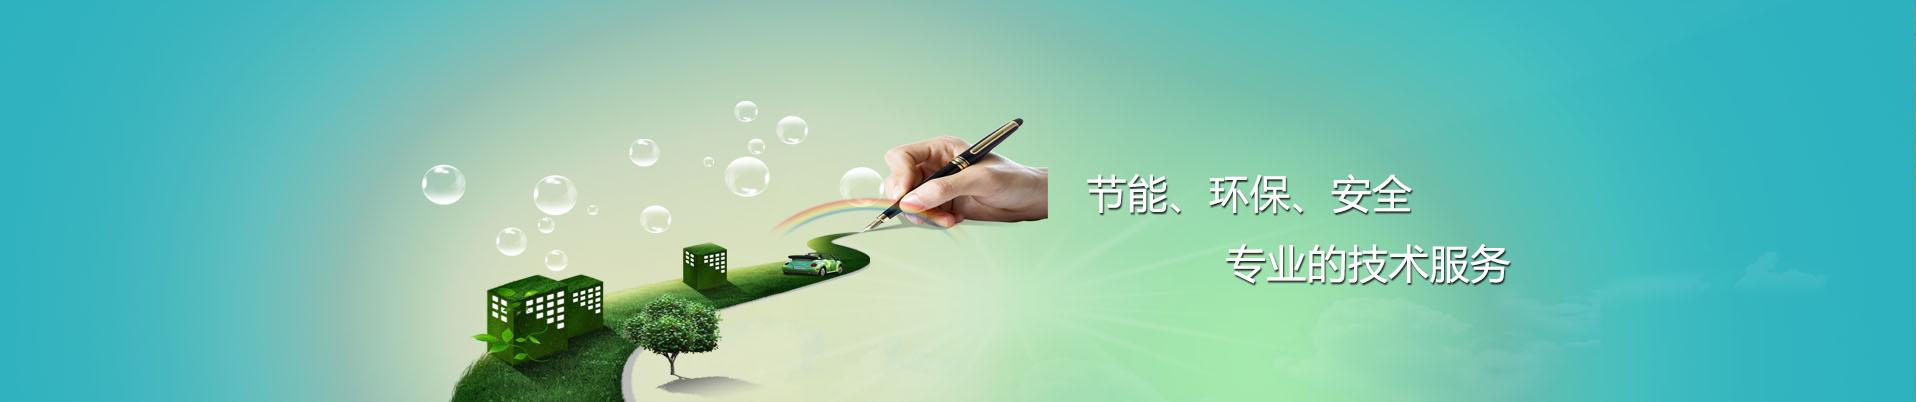 佛山贝博官方下载链接环保科技有限公司